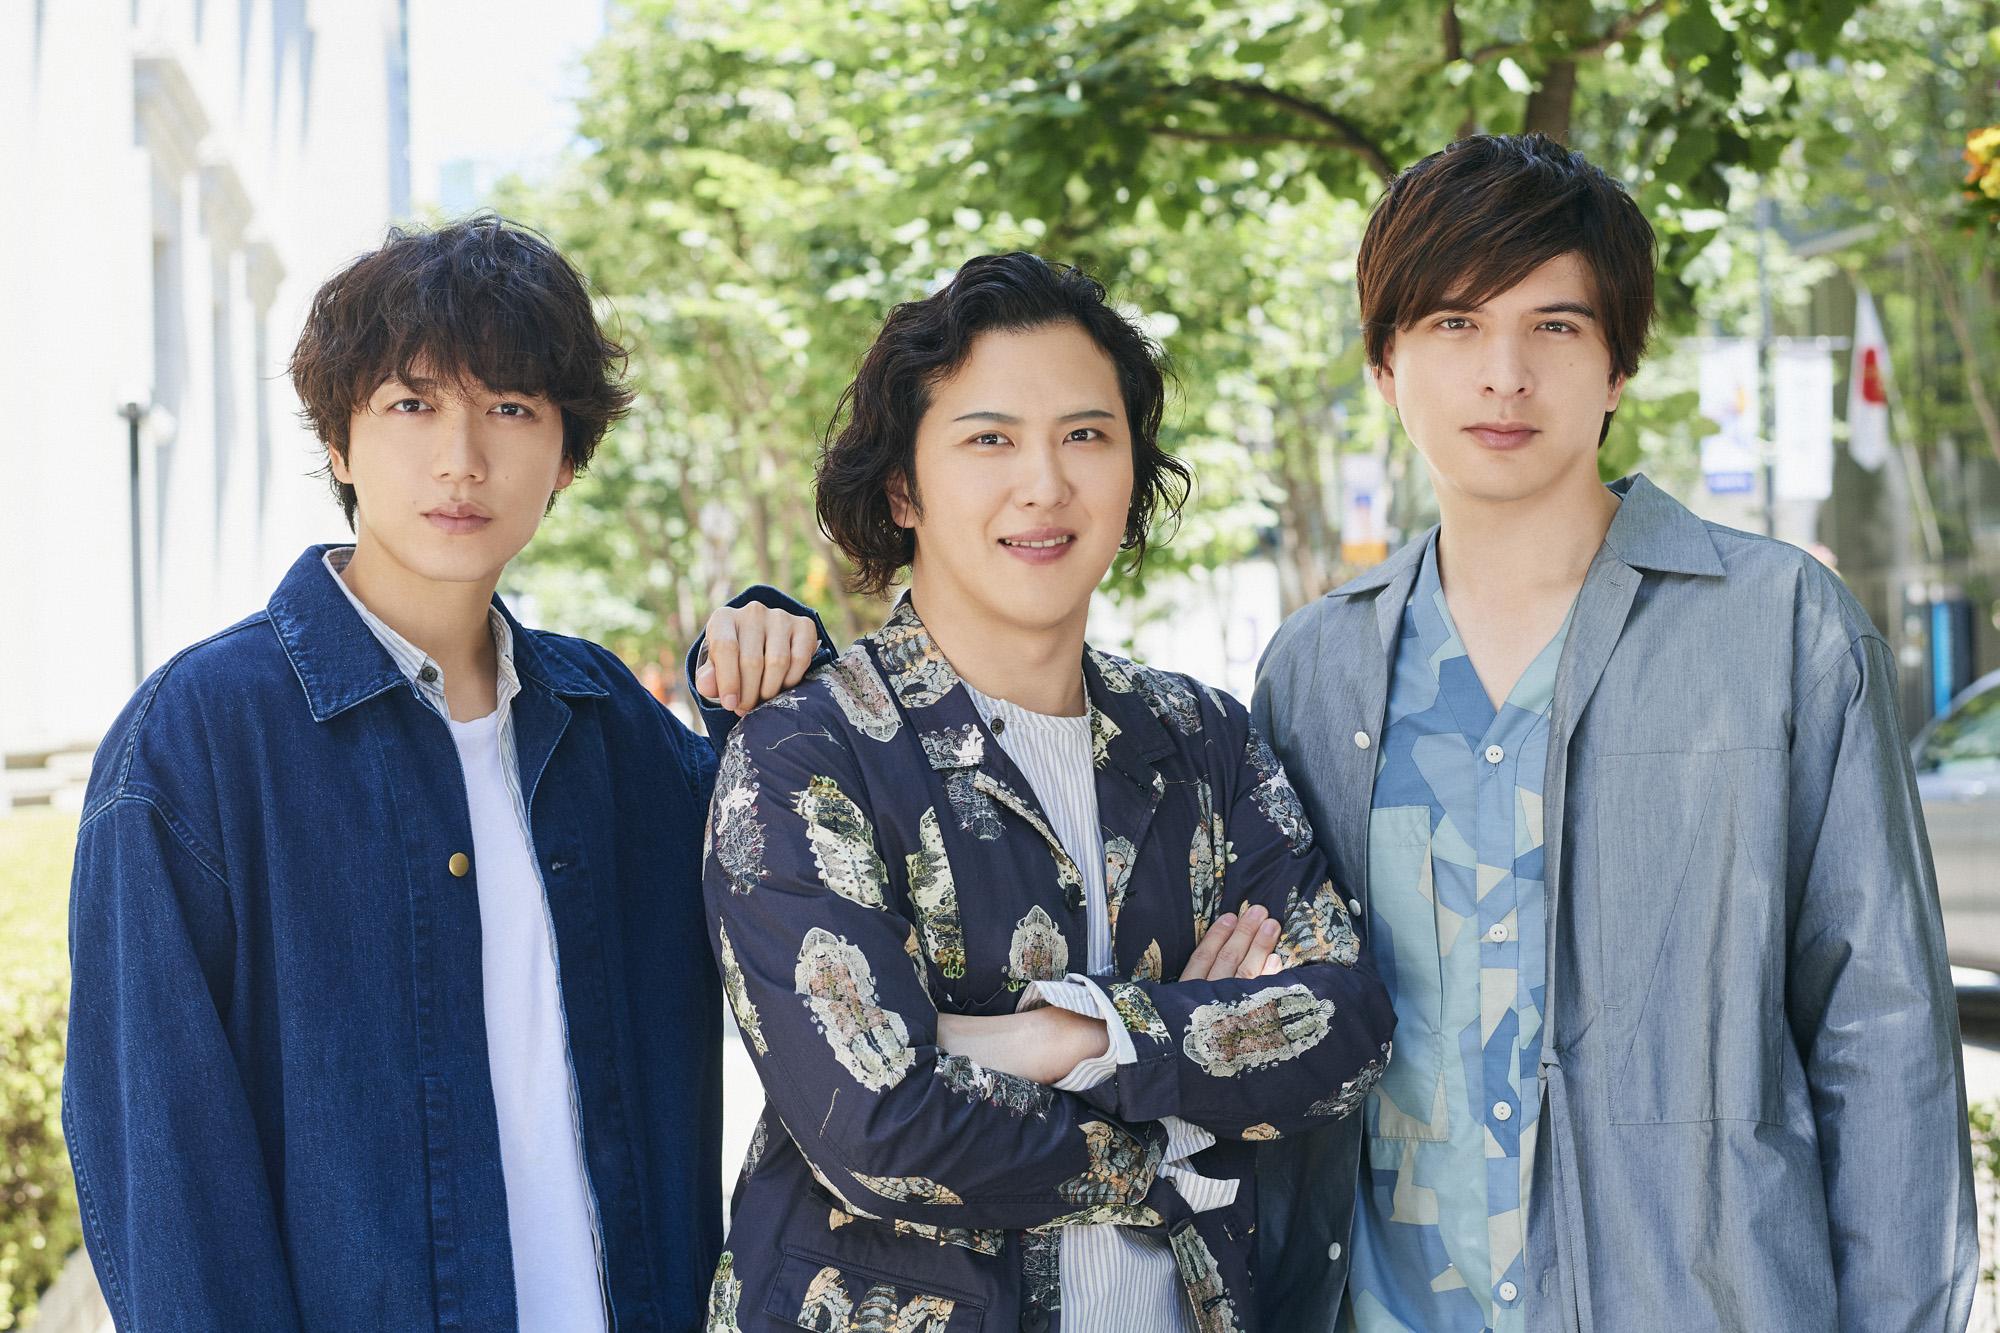 山崎育三郎さん、尾上松也さん、城田優さん